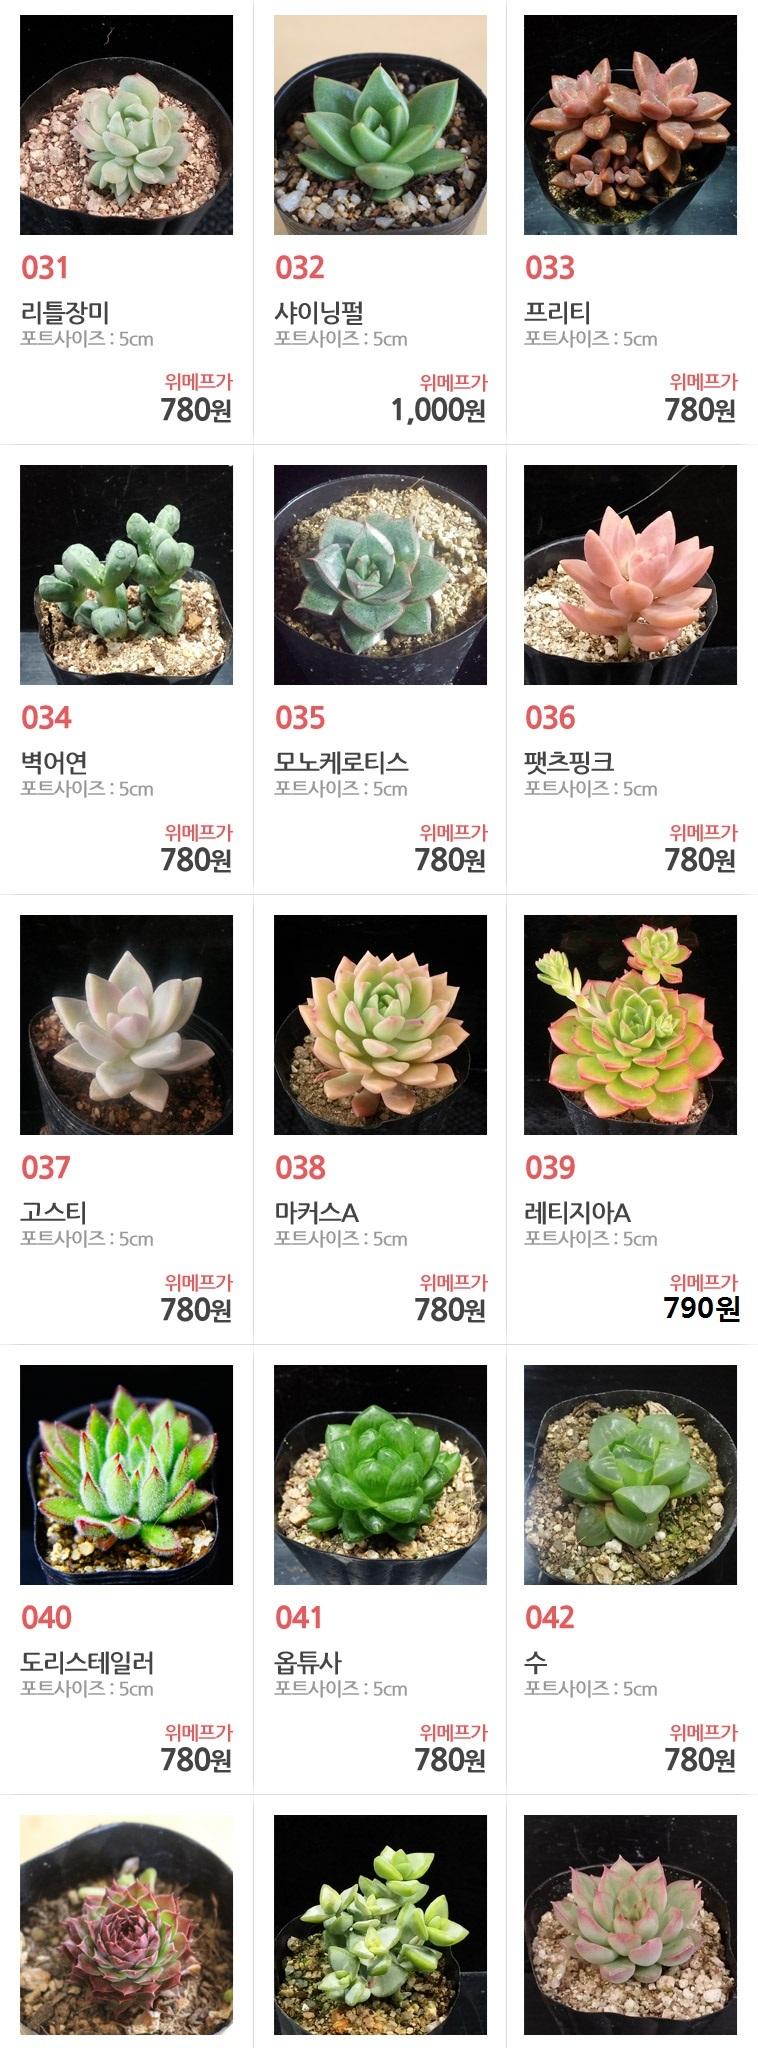 특별한 우리집 정원꾸미기 루비다육 - 상세정보